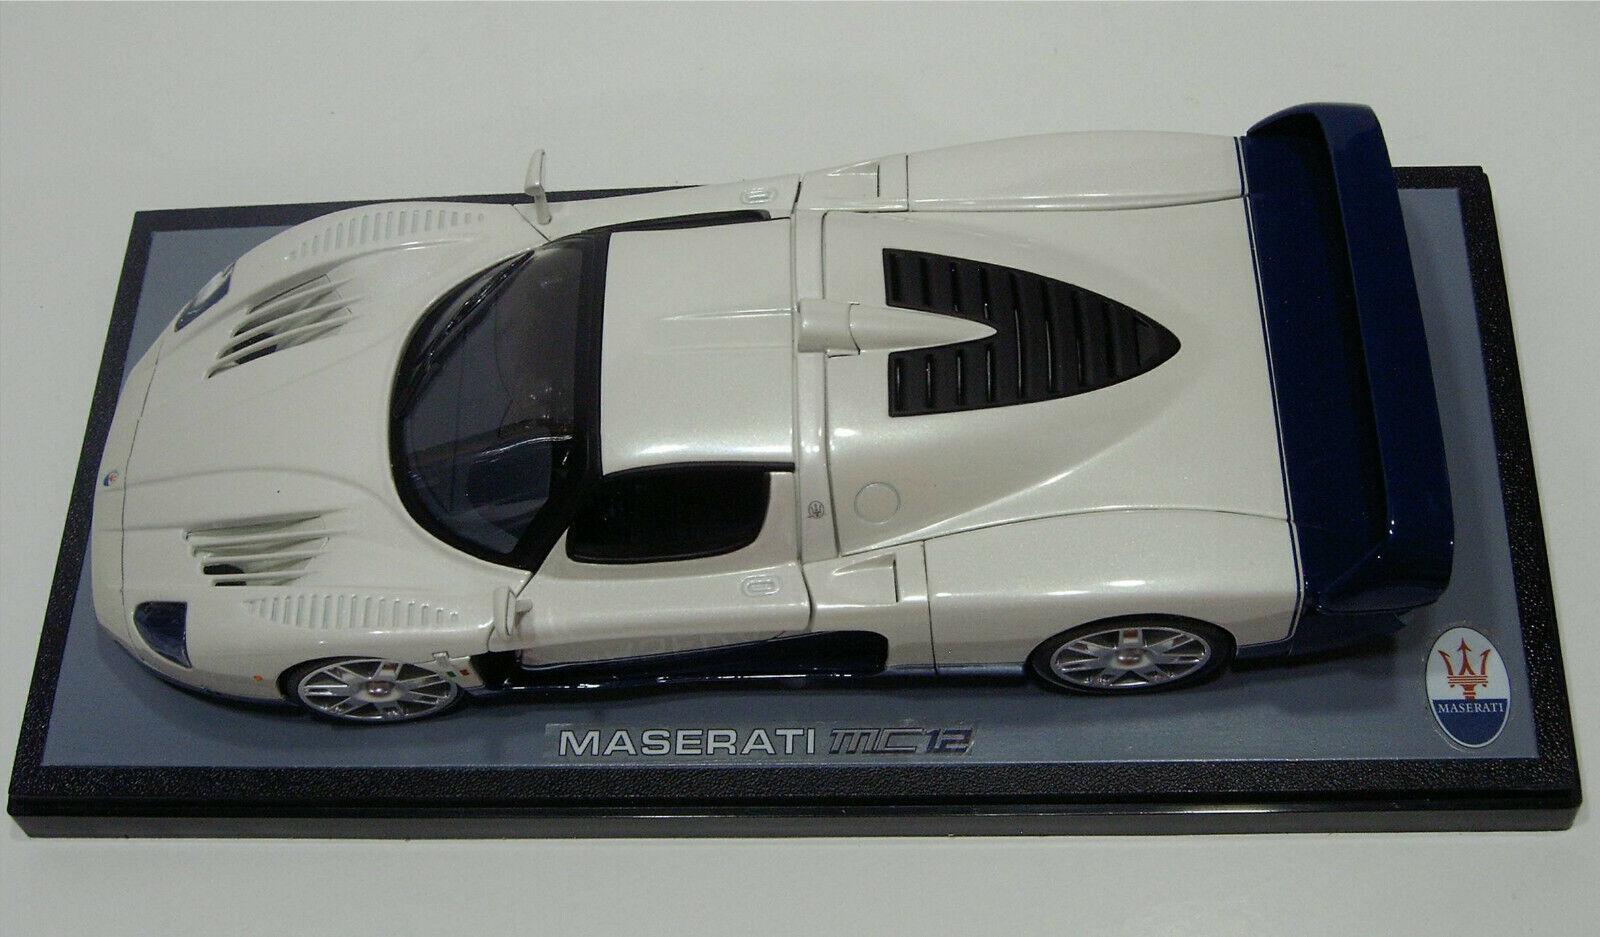 1   18 Hot wyels eite eite eite - Maserati mcc12 con techos desmontables 431